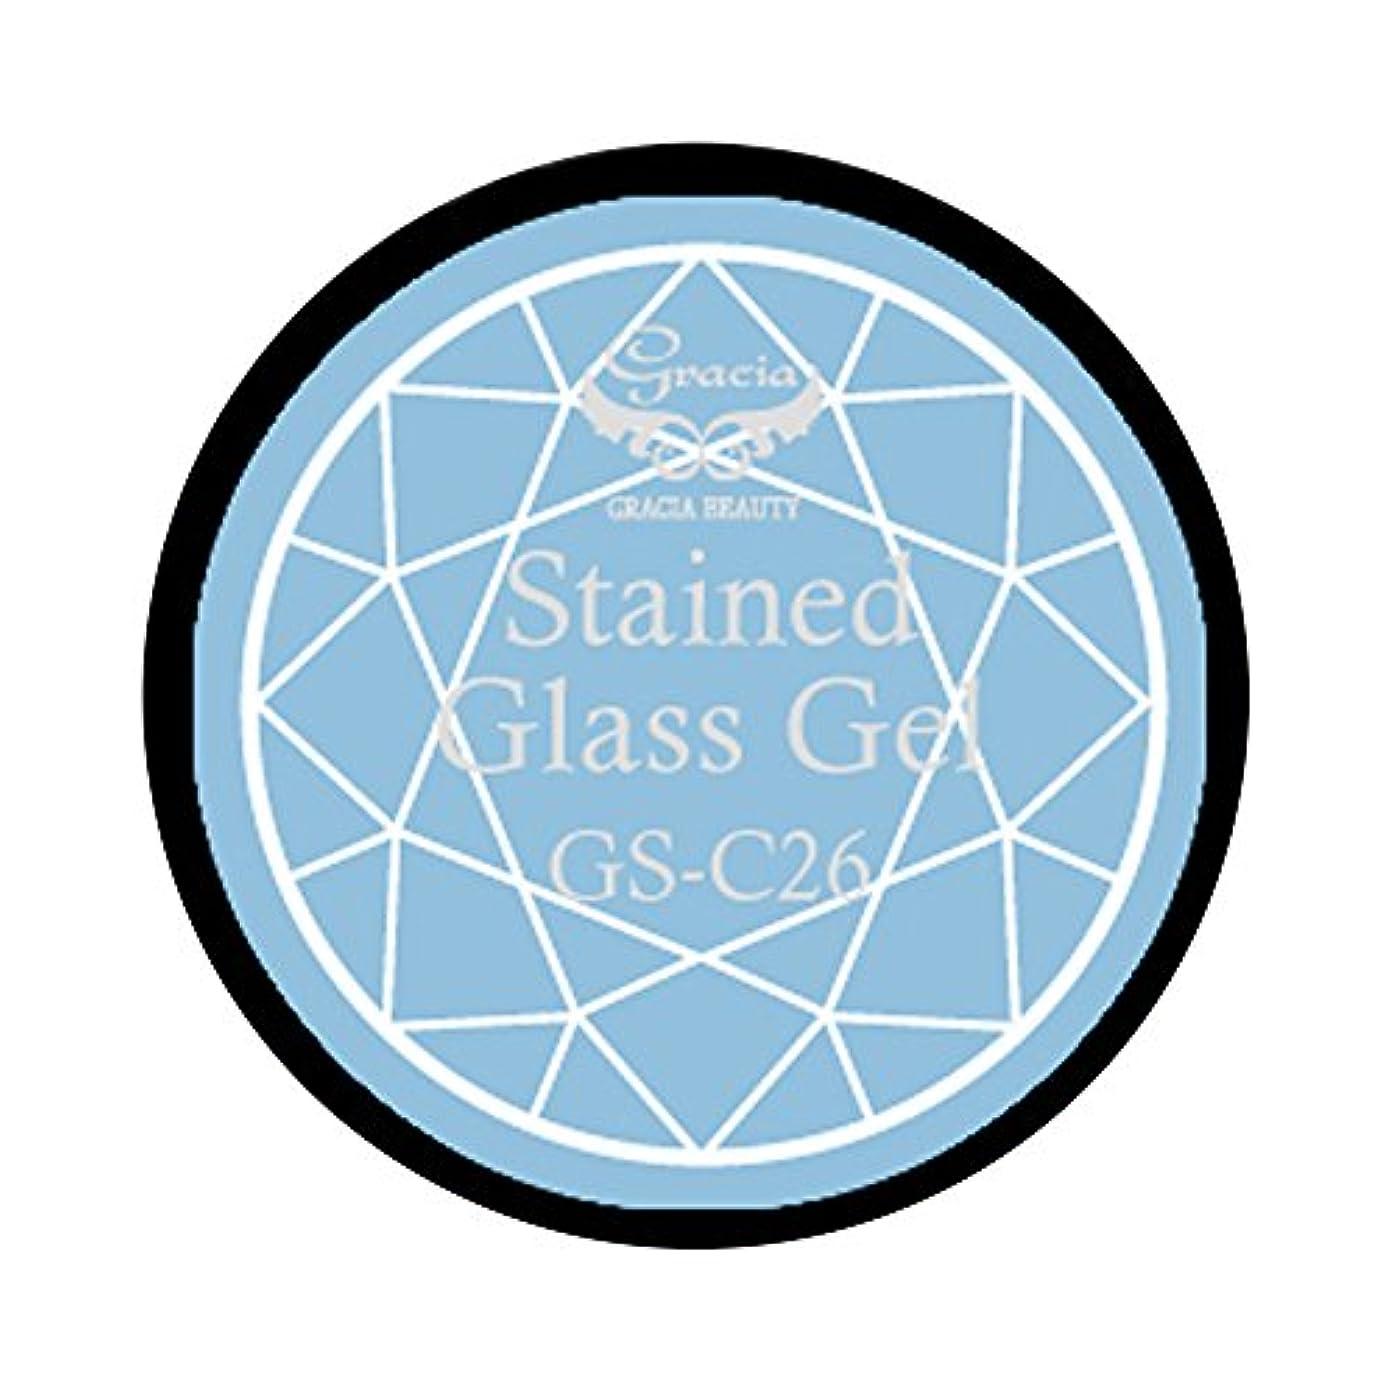 避けられない急降下モックグラシア ジェルネイル ステンドグラスジェル GSM-C26 3g  クリア UV/LED対応 カラージェル ソークオフジェル ガラスのような透明感